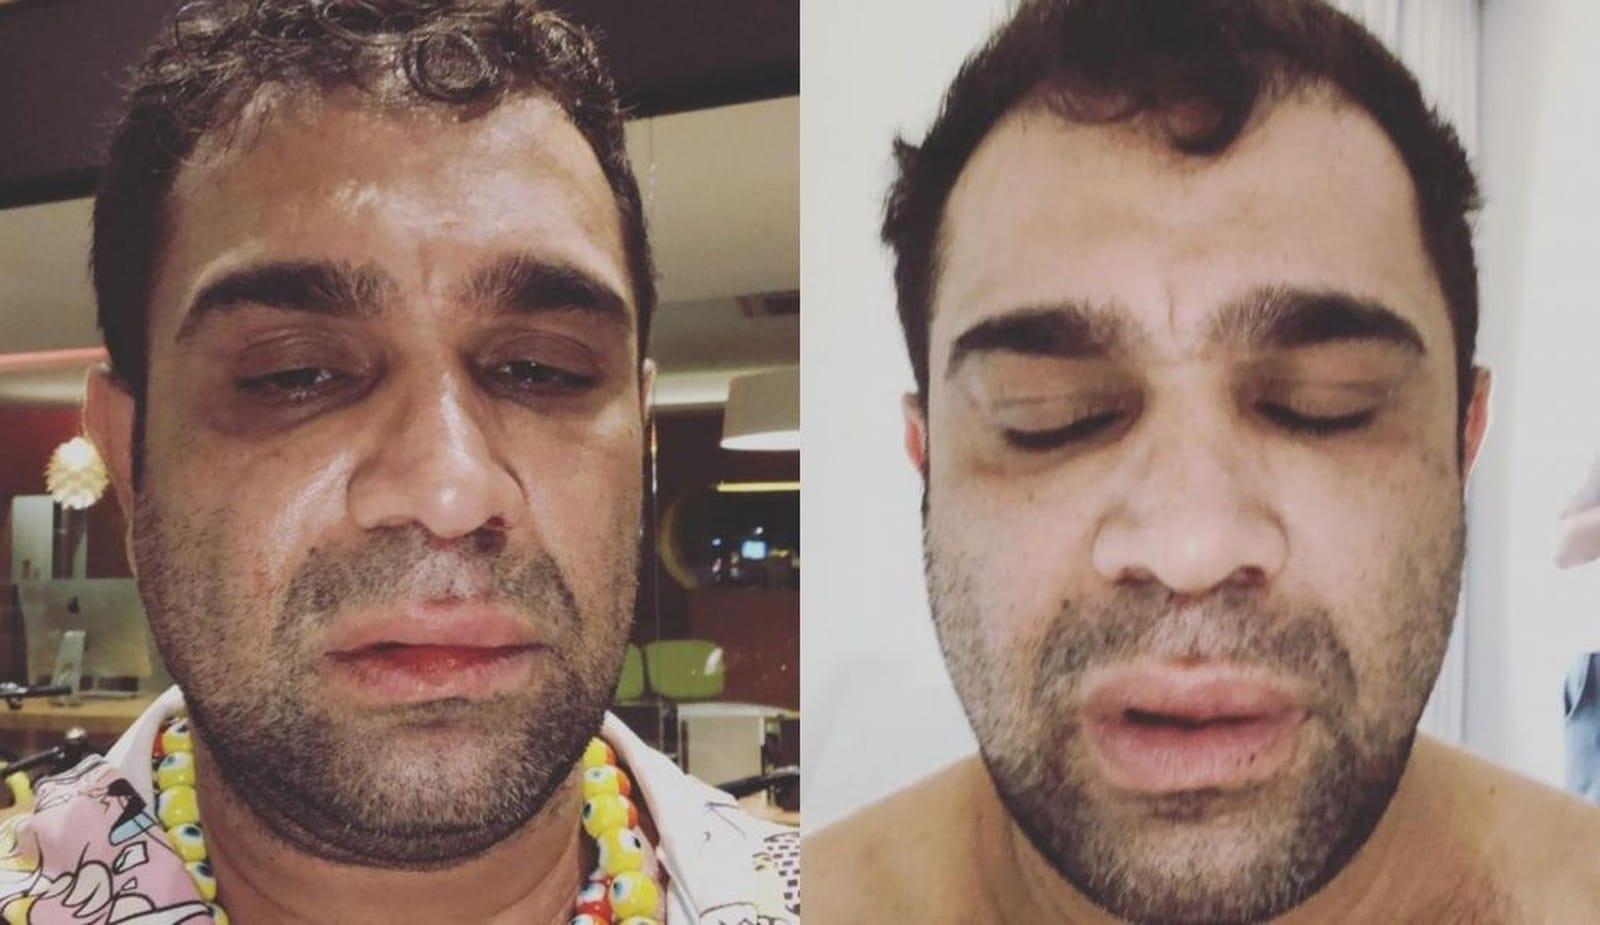 Evandro Santo, ex-Pânico, registrou boletim de ocorrência por agressão em show realizado em Marília — Foto: Facebook/Reprodução